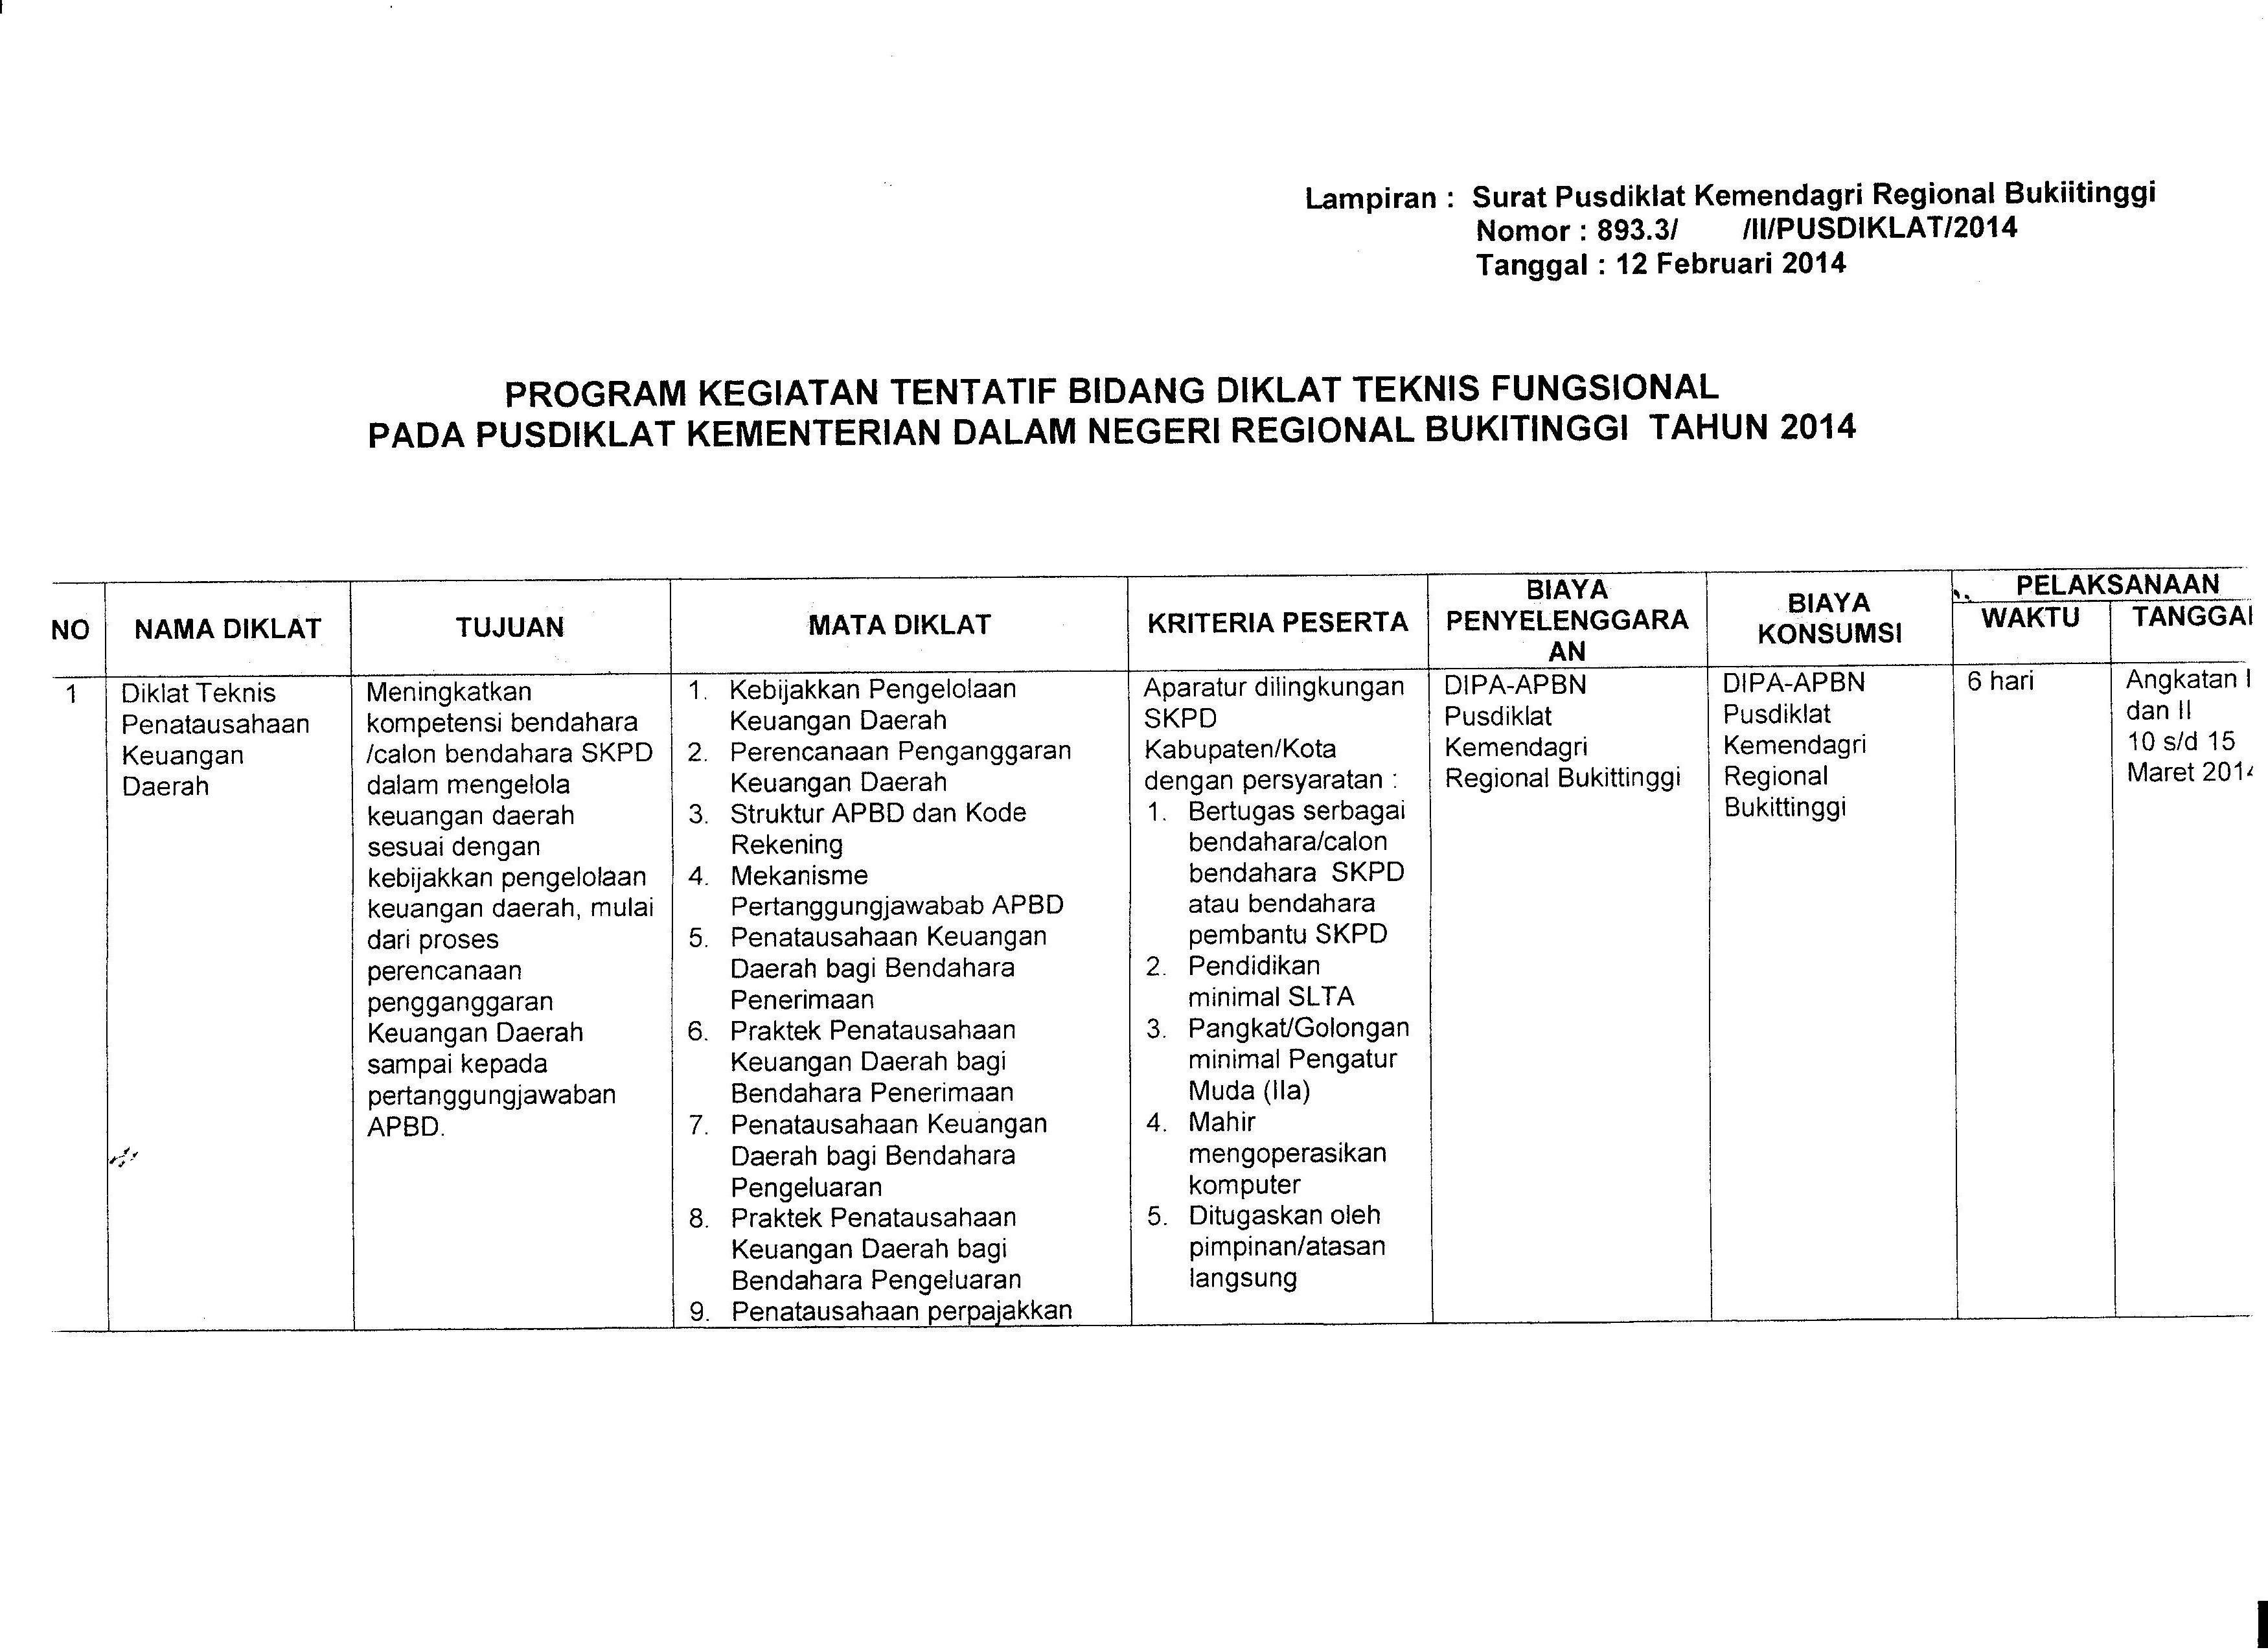 jadwal diklat  PUSDIKLAT KEMENDAGRI REGIONAL BUKITTINGGI